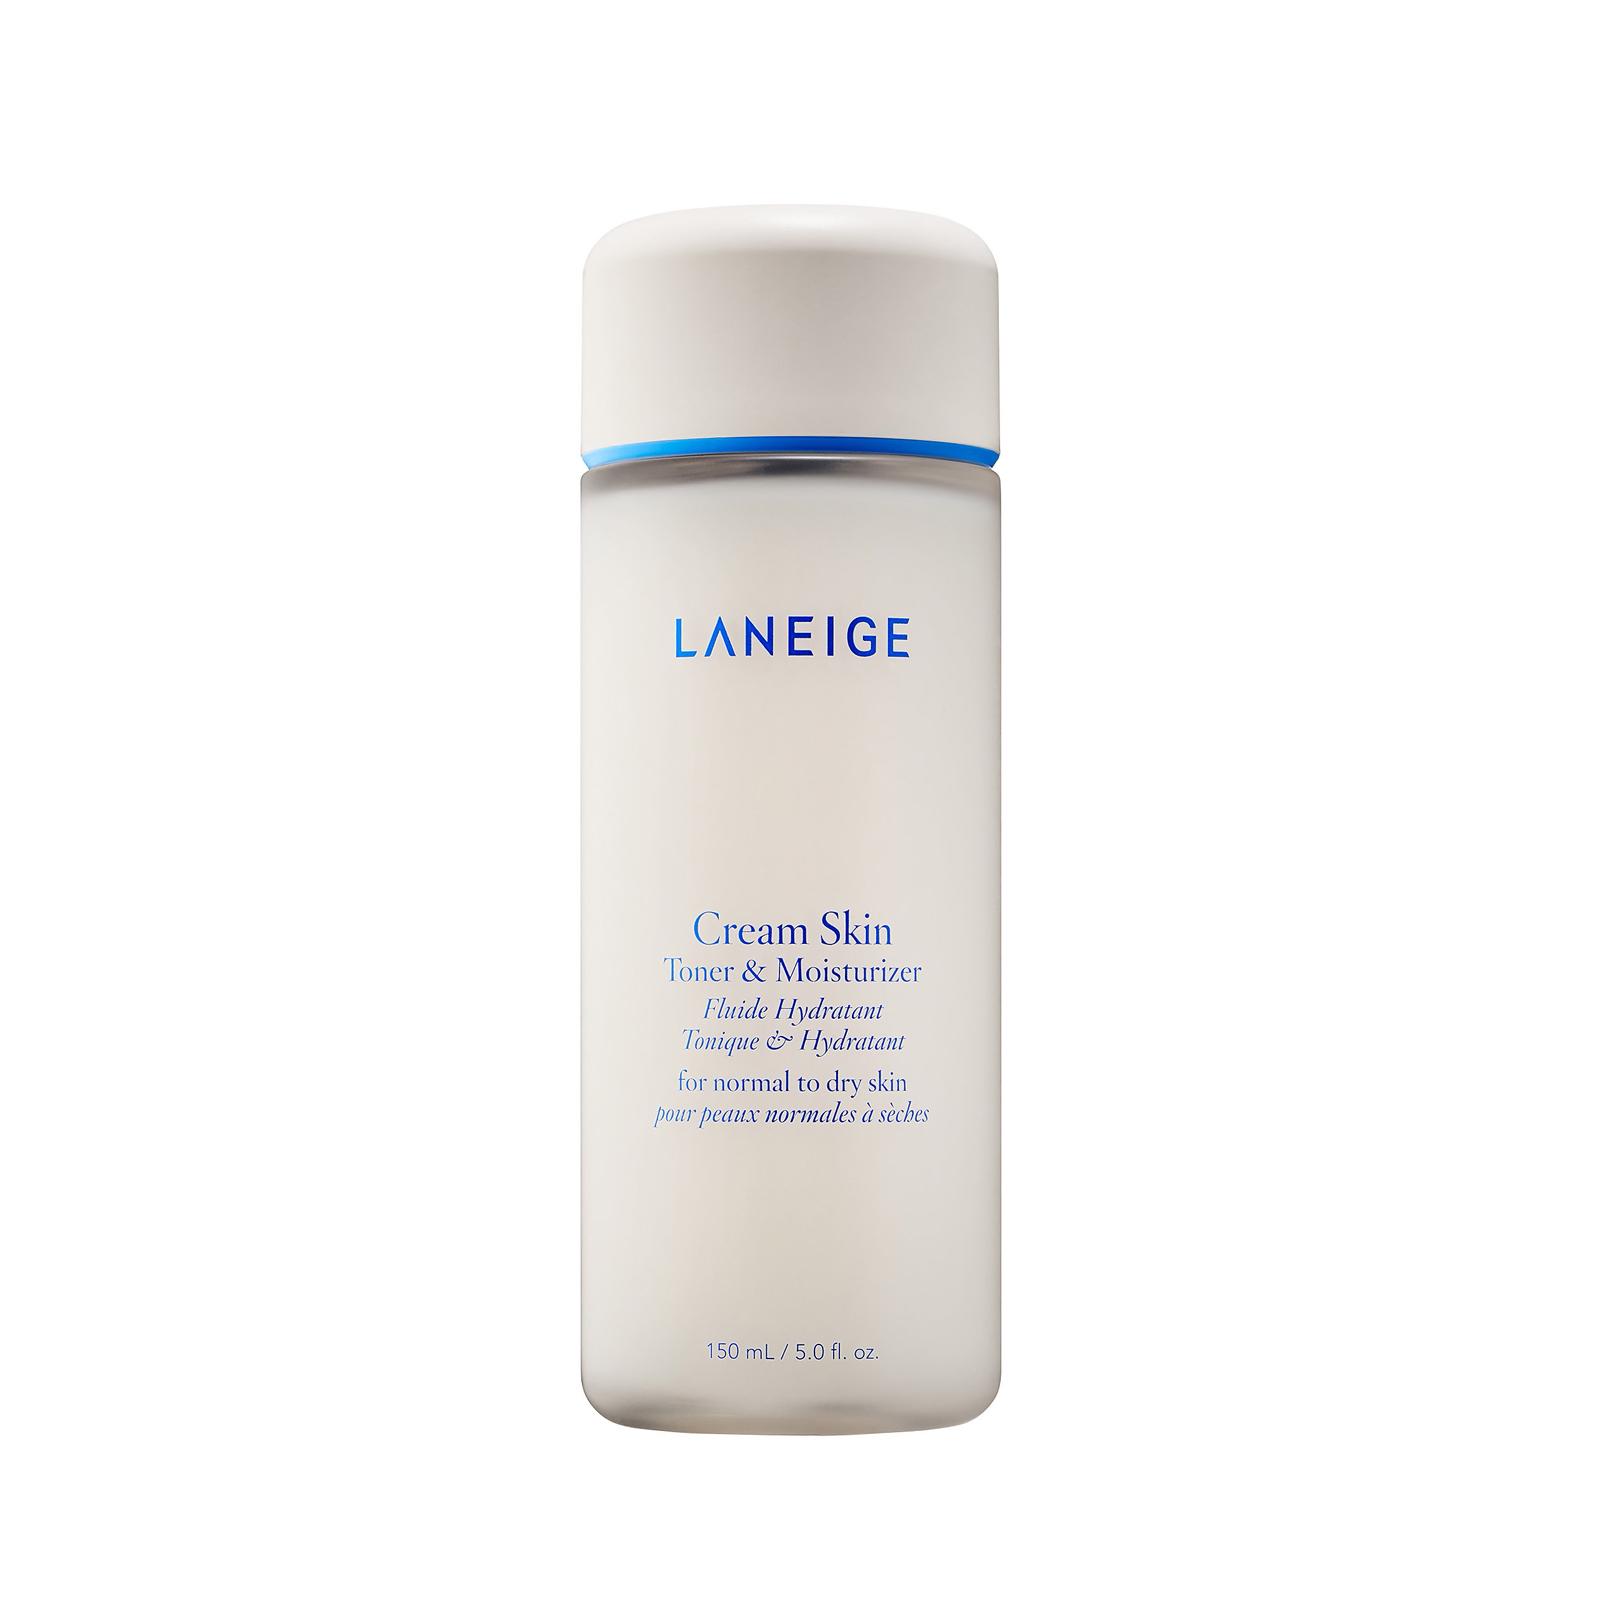 laneige-cream-skin.jpg